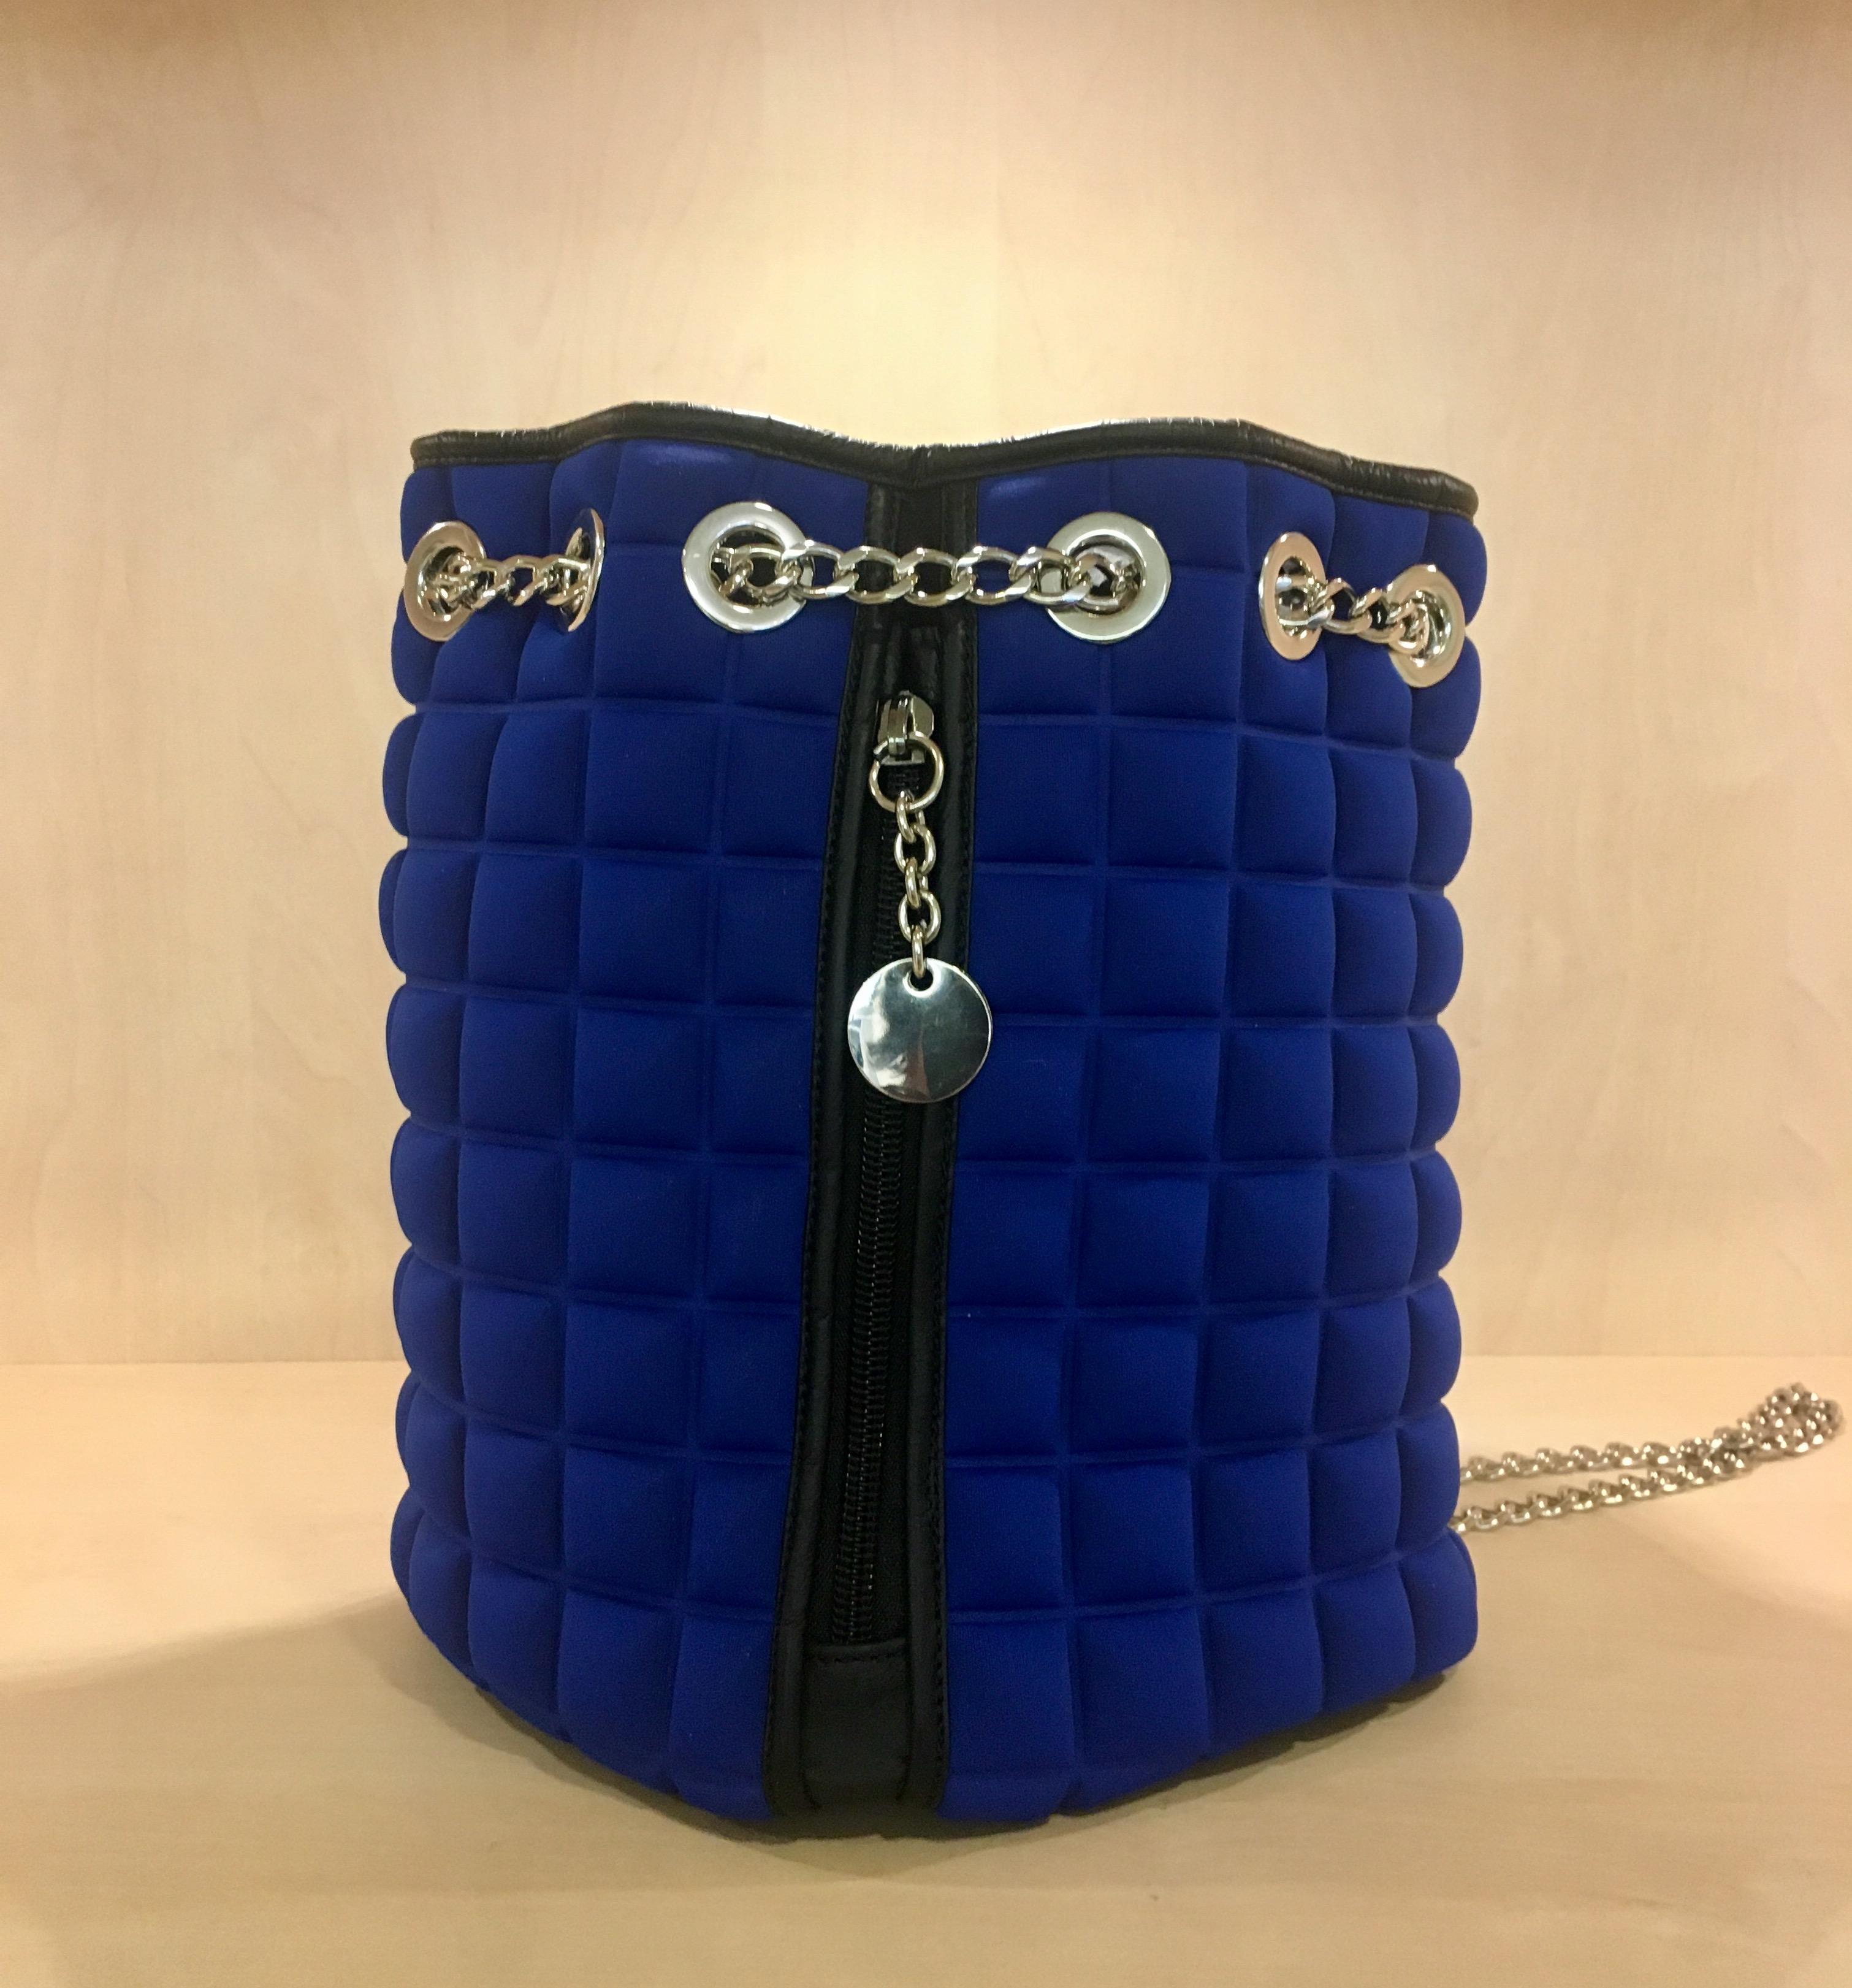 9fb996fe30 Baldani abbigliamento - Borsa B PRIME Mod. Chain Zainetto